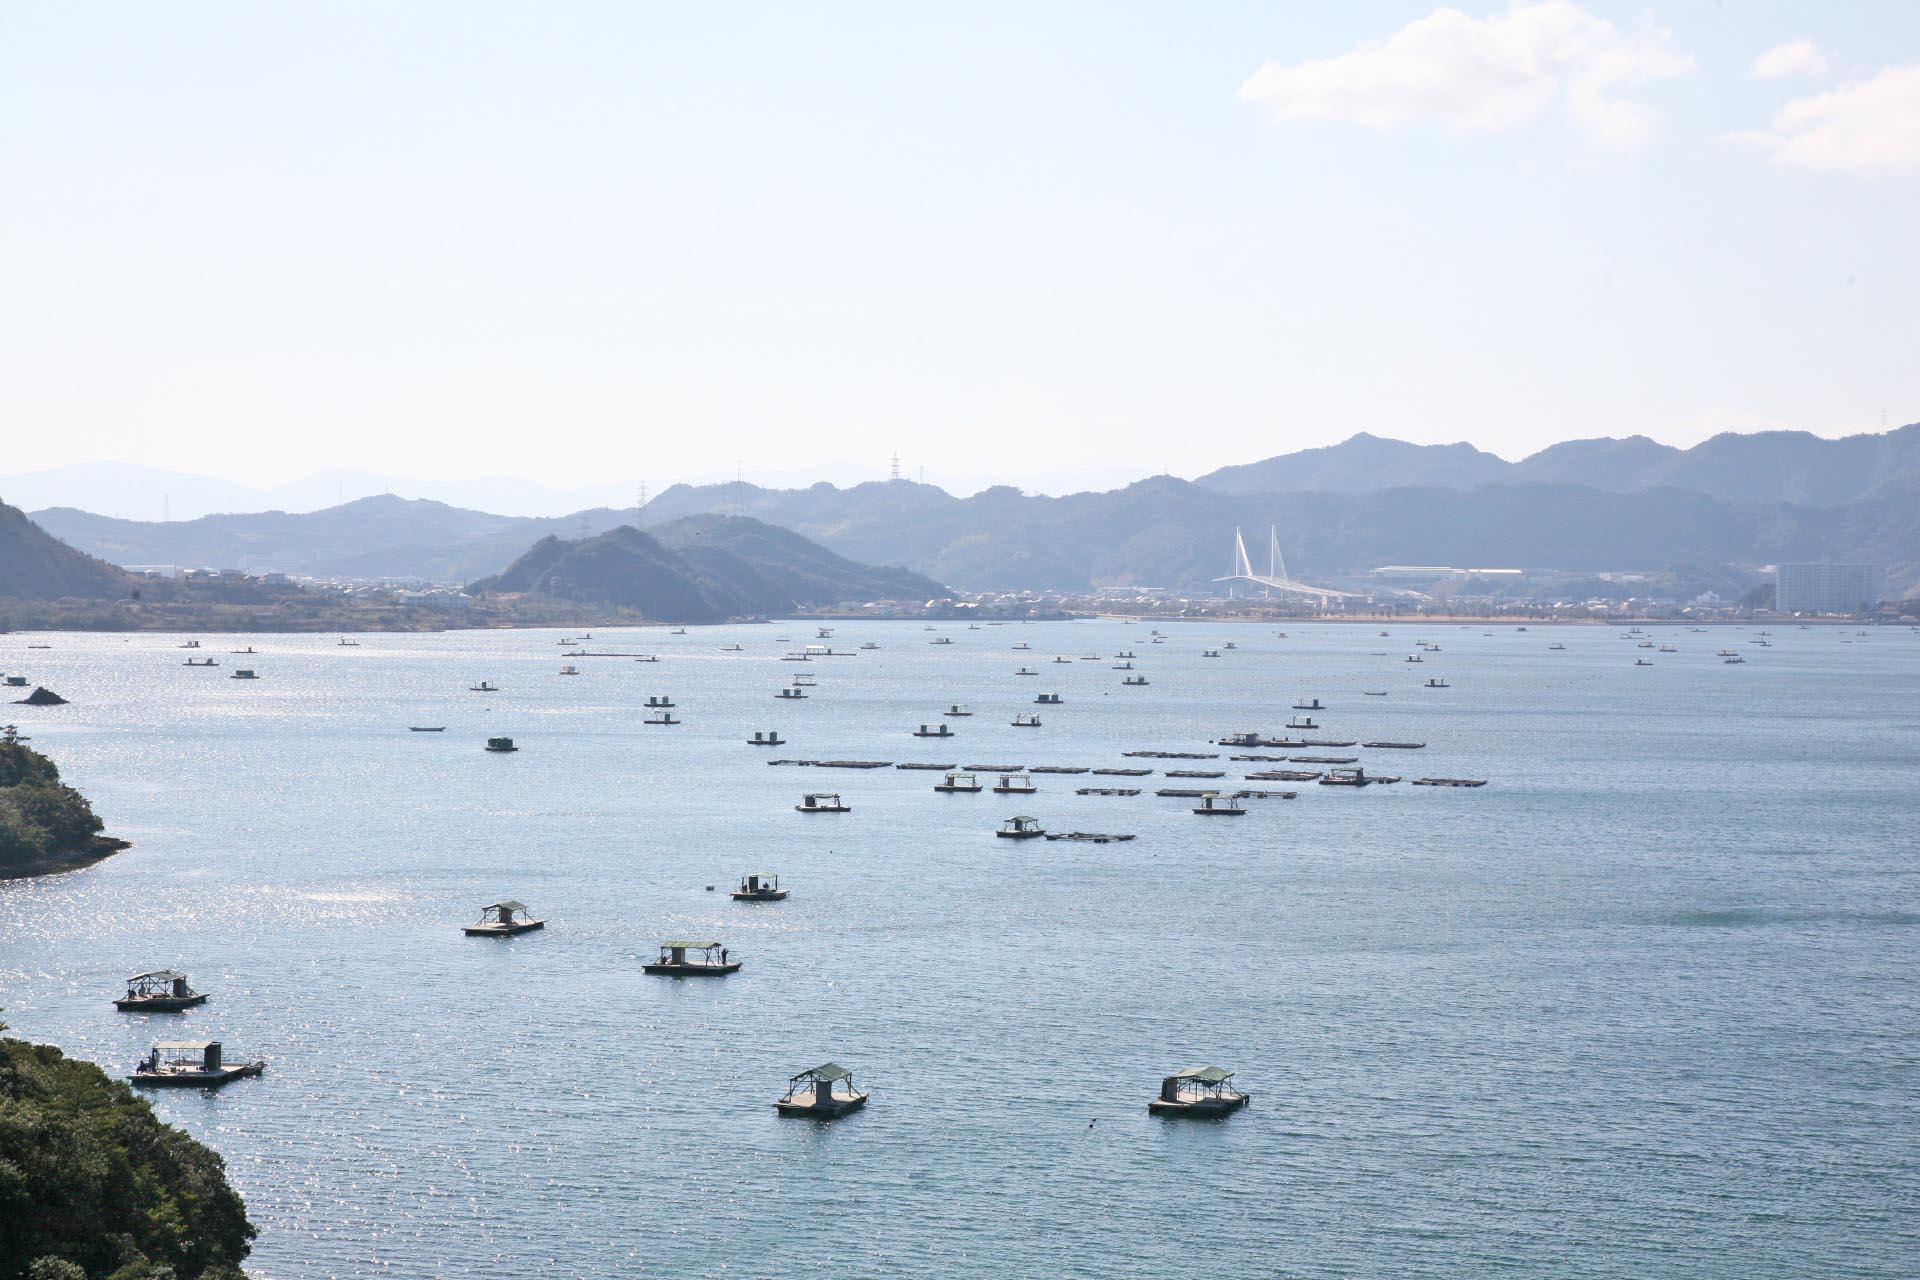 正月の瀬戸内海の風景 徳島の風景